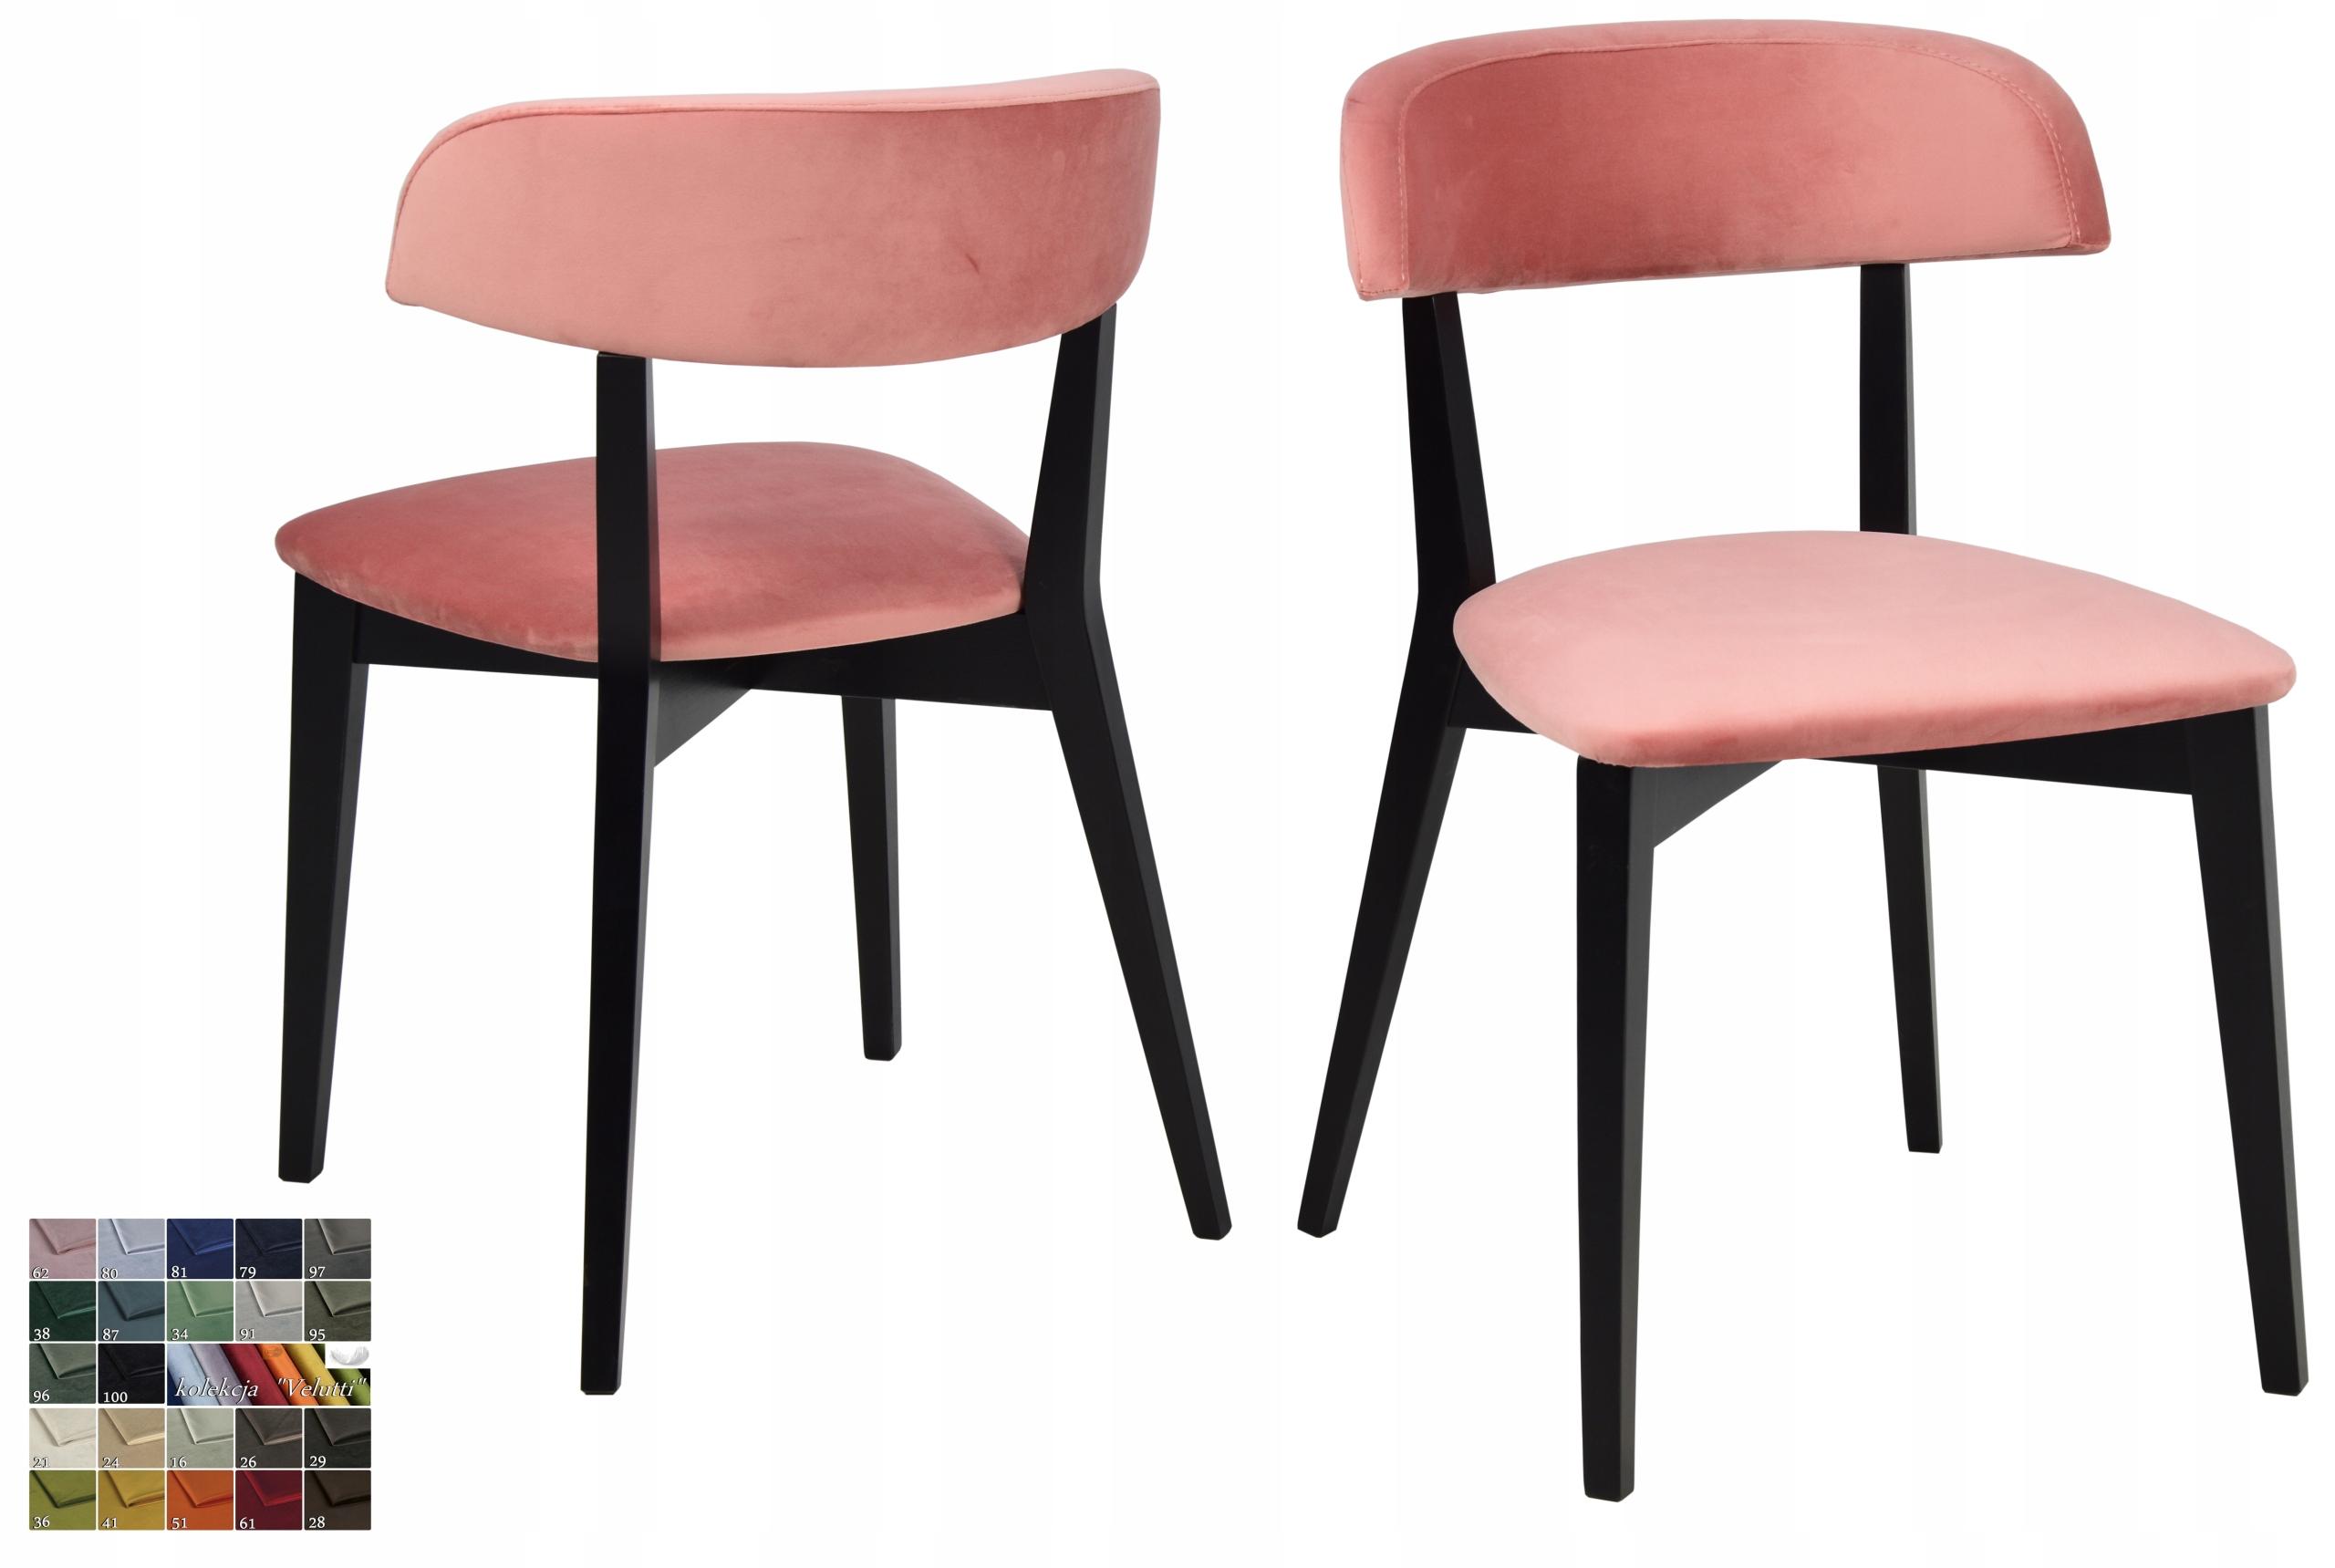 4x Masívne stoličky, kuchyne LOFT štýl